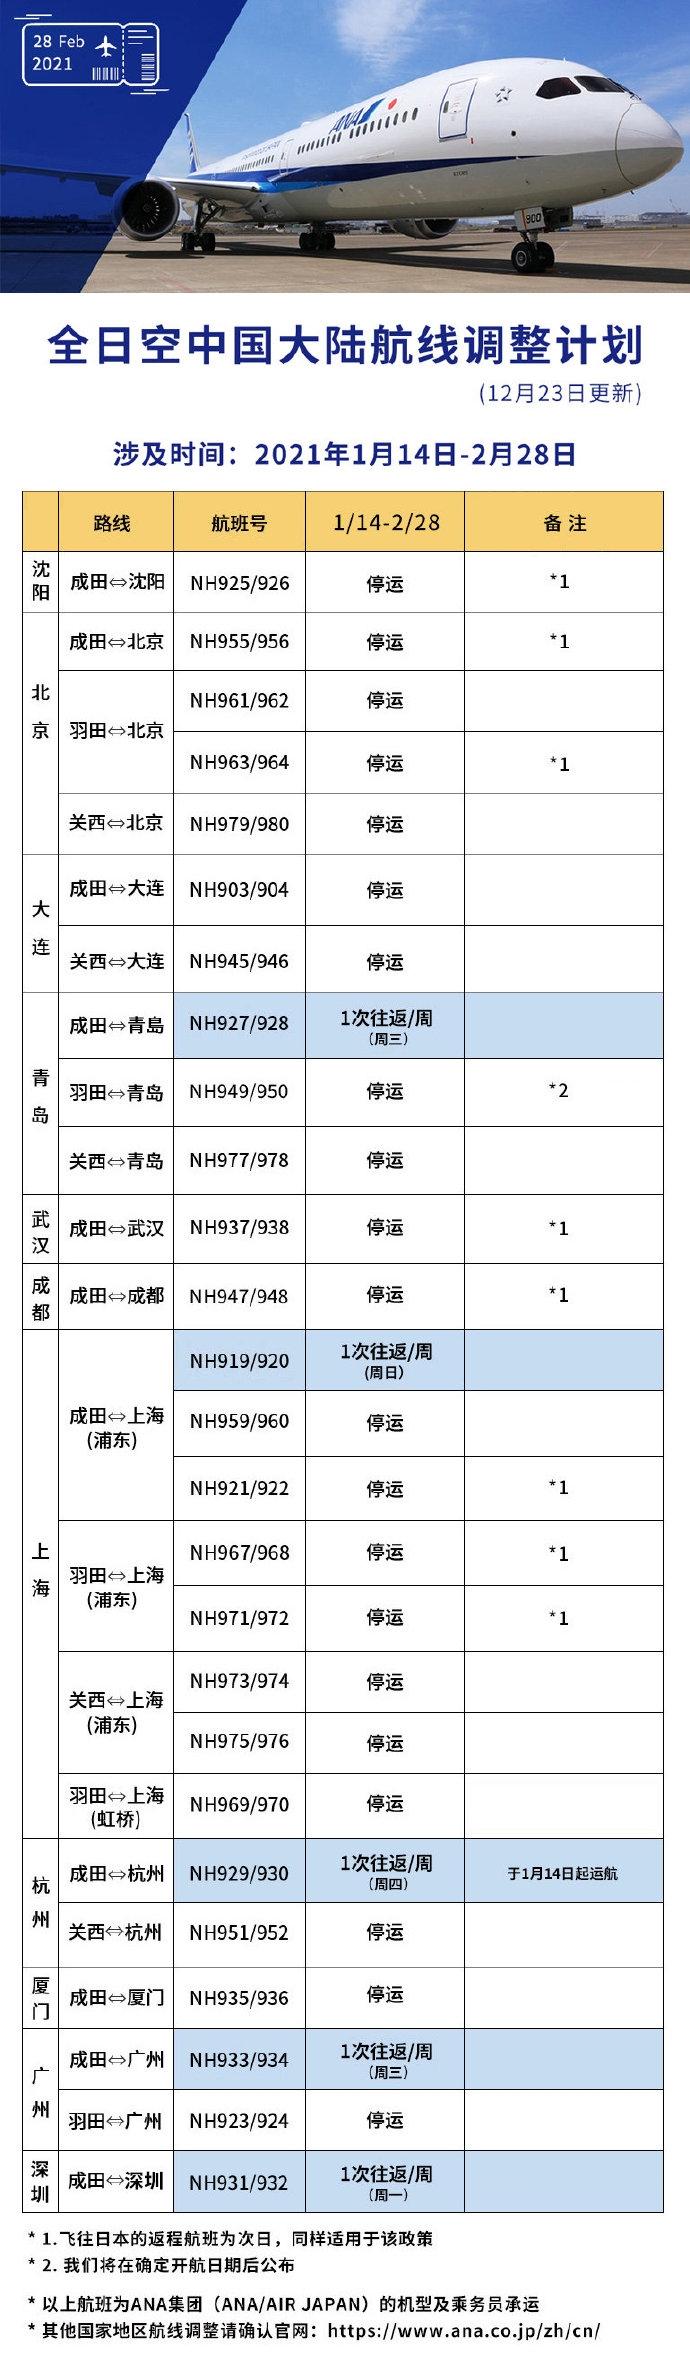 自2021年1月14日起,全日空航空将恢复杭州往返东京成田的航班